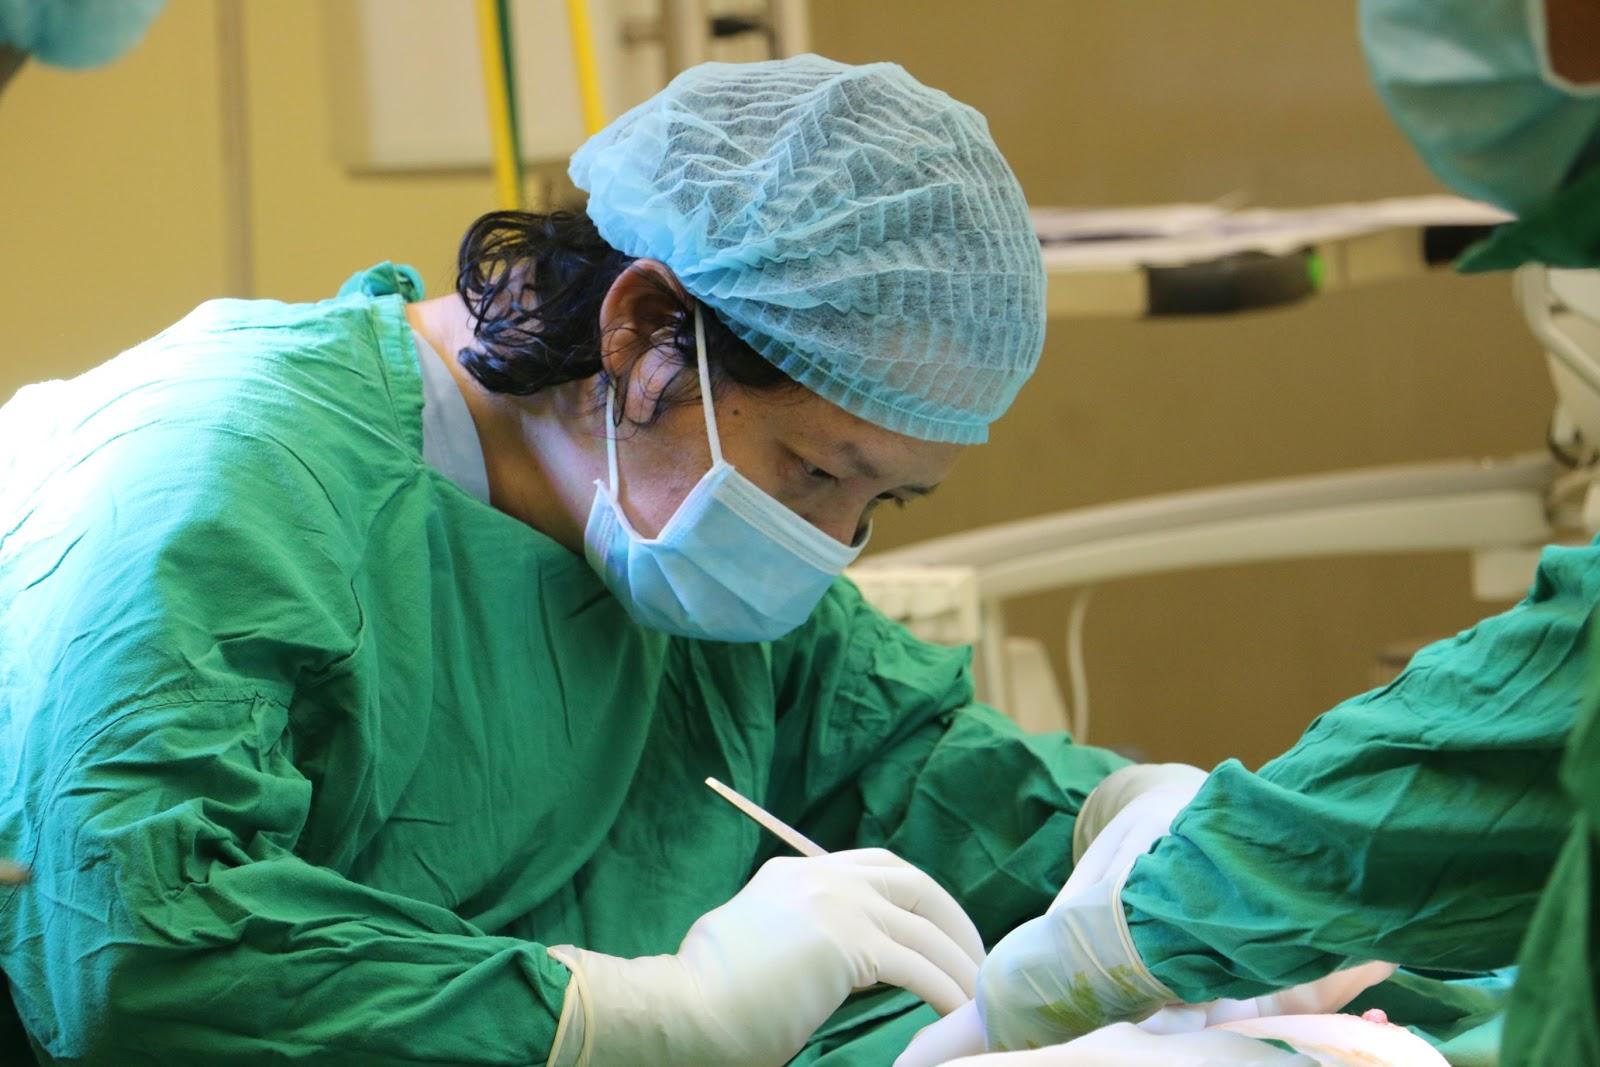 Tất tần tật những thông tin cần biết về nâng ngực nội soi Bác sĩ Việt 2020 - Ảnh 4